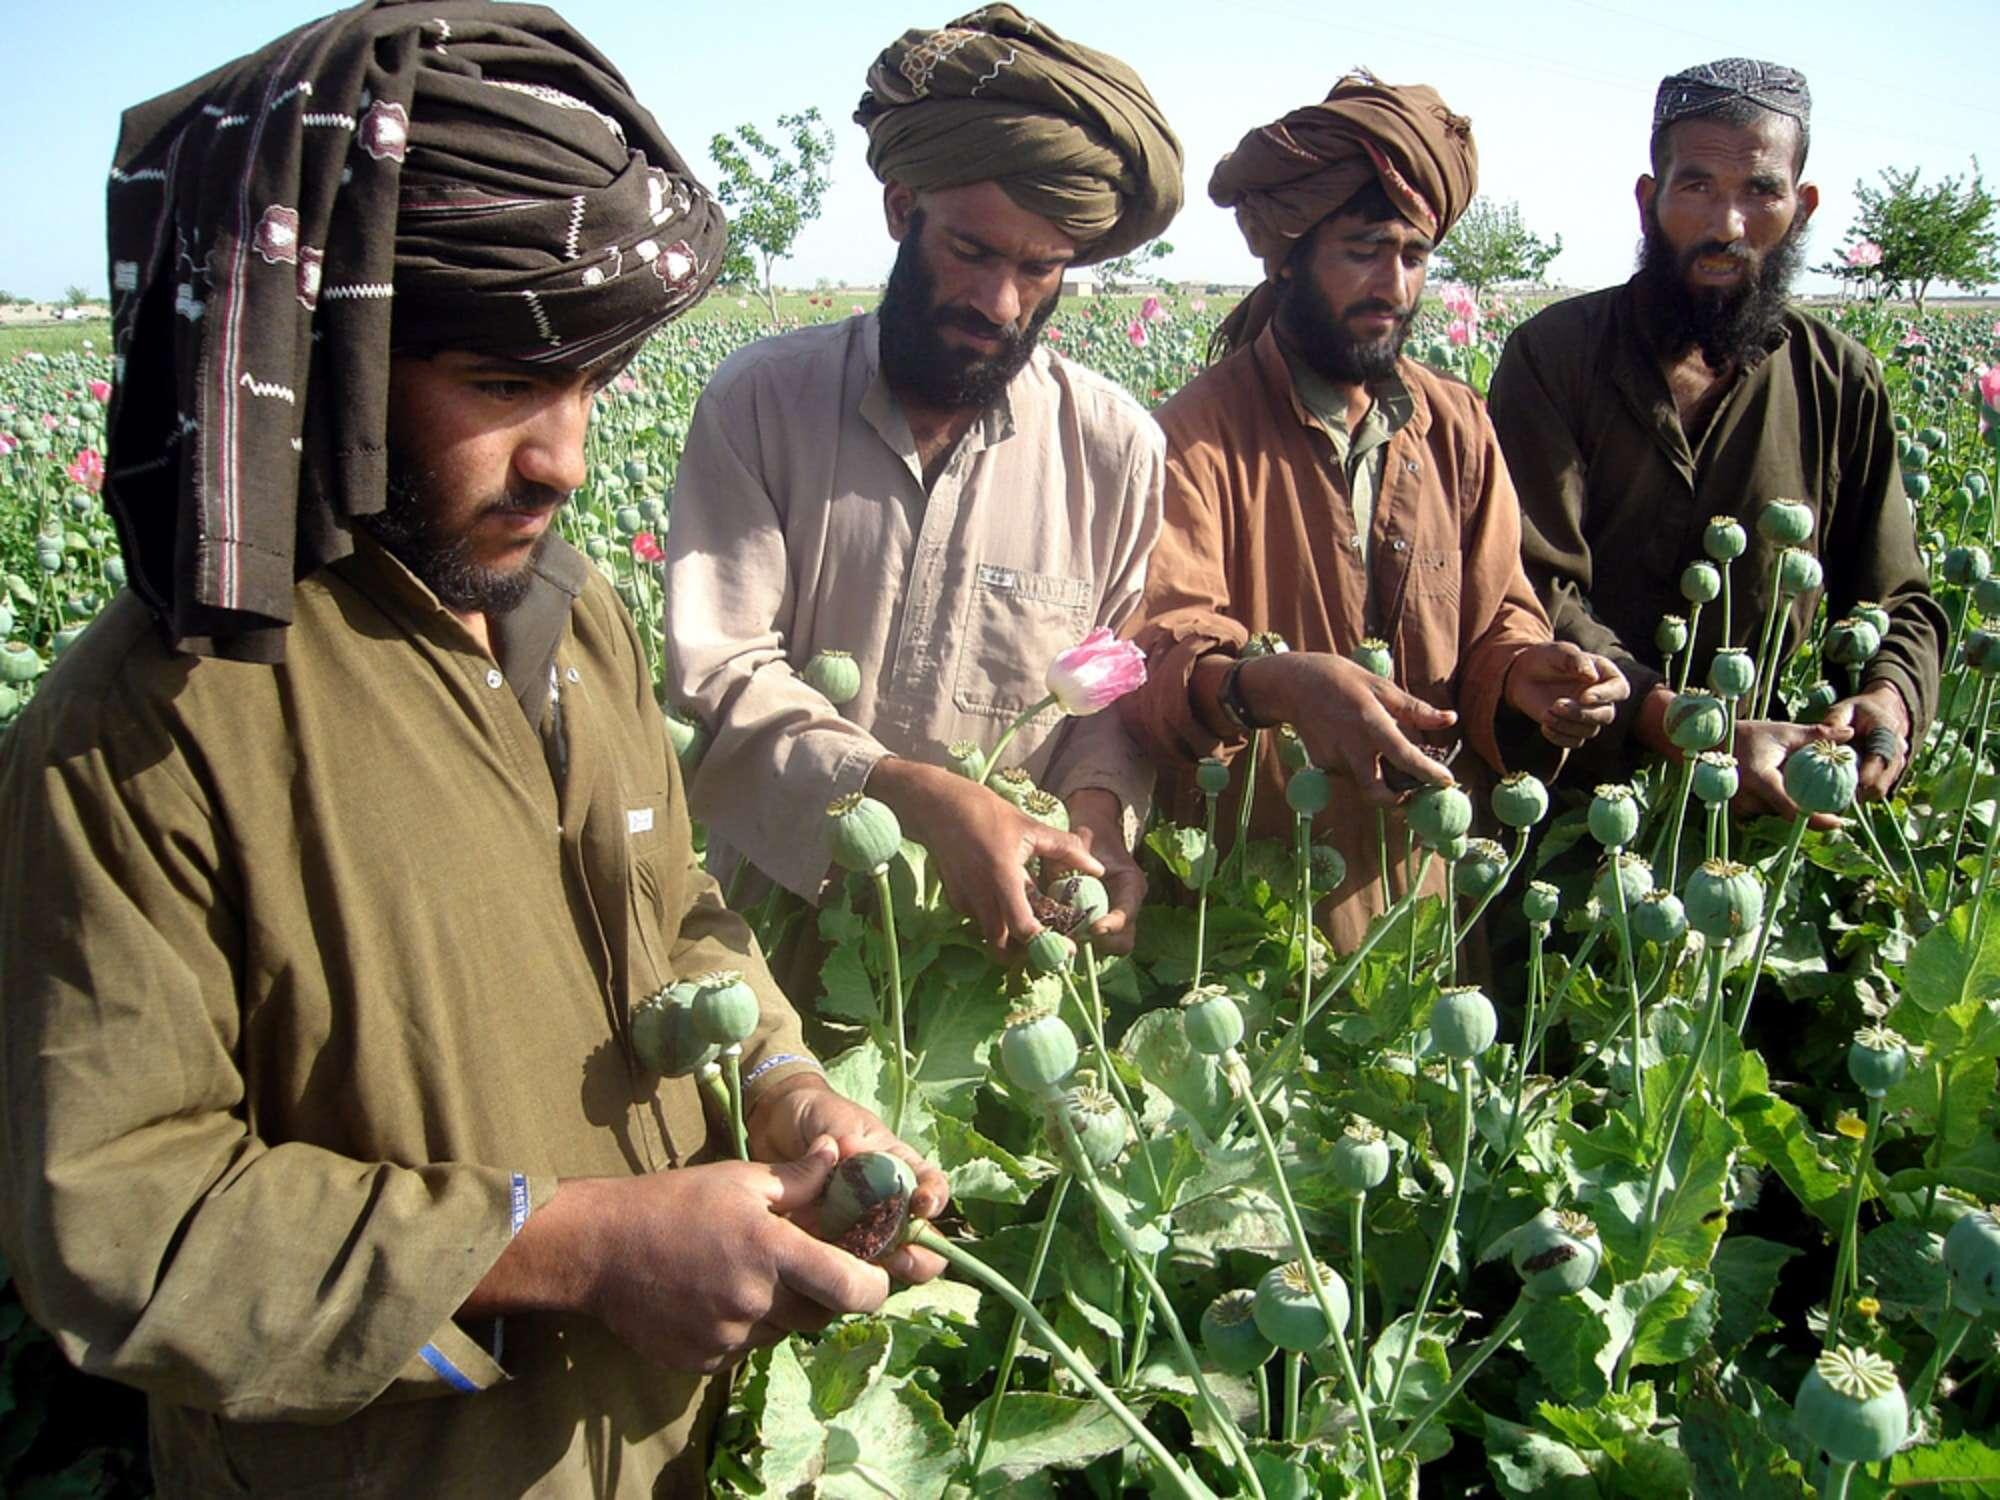 سود خشخاش: تجارت غیر قانونی مواد مخدر برای طالبان نعمت است